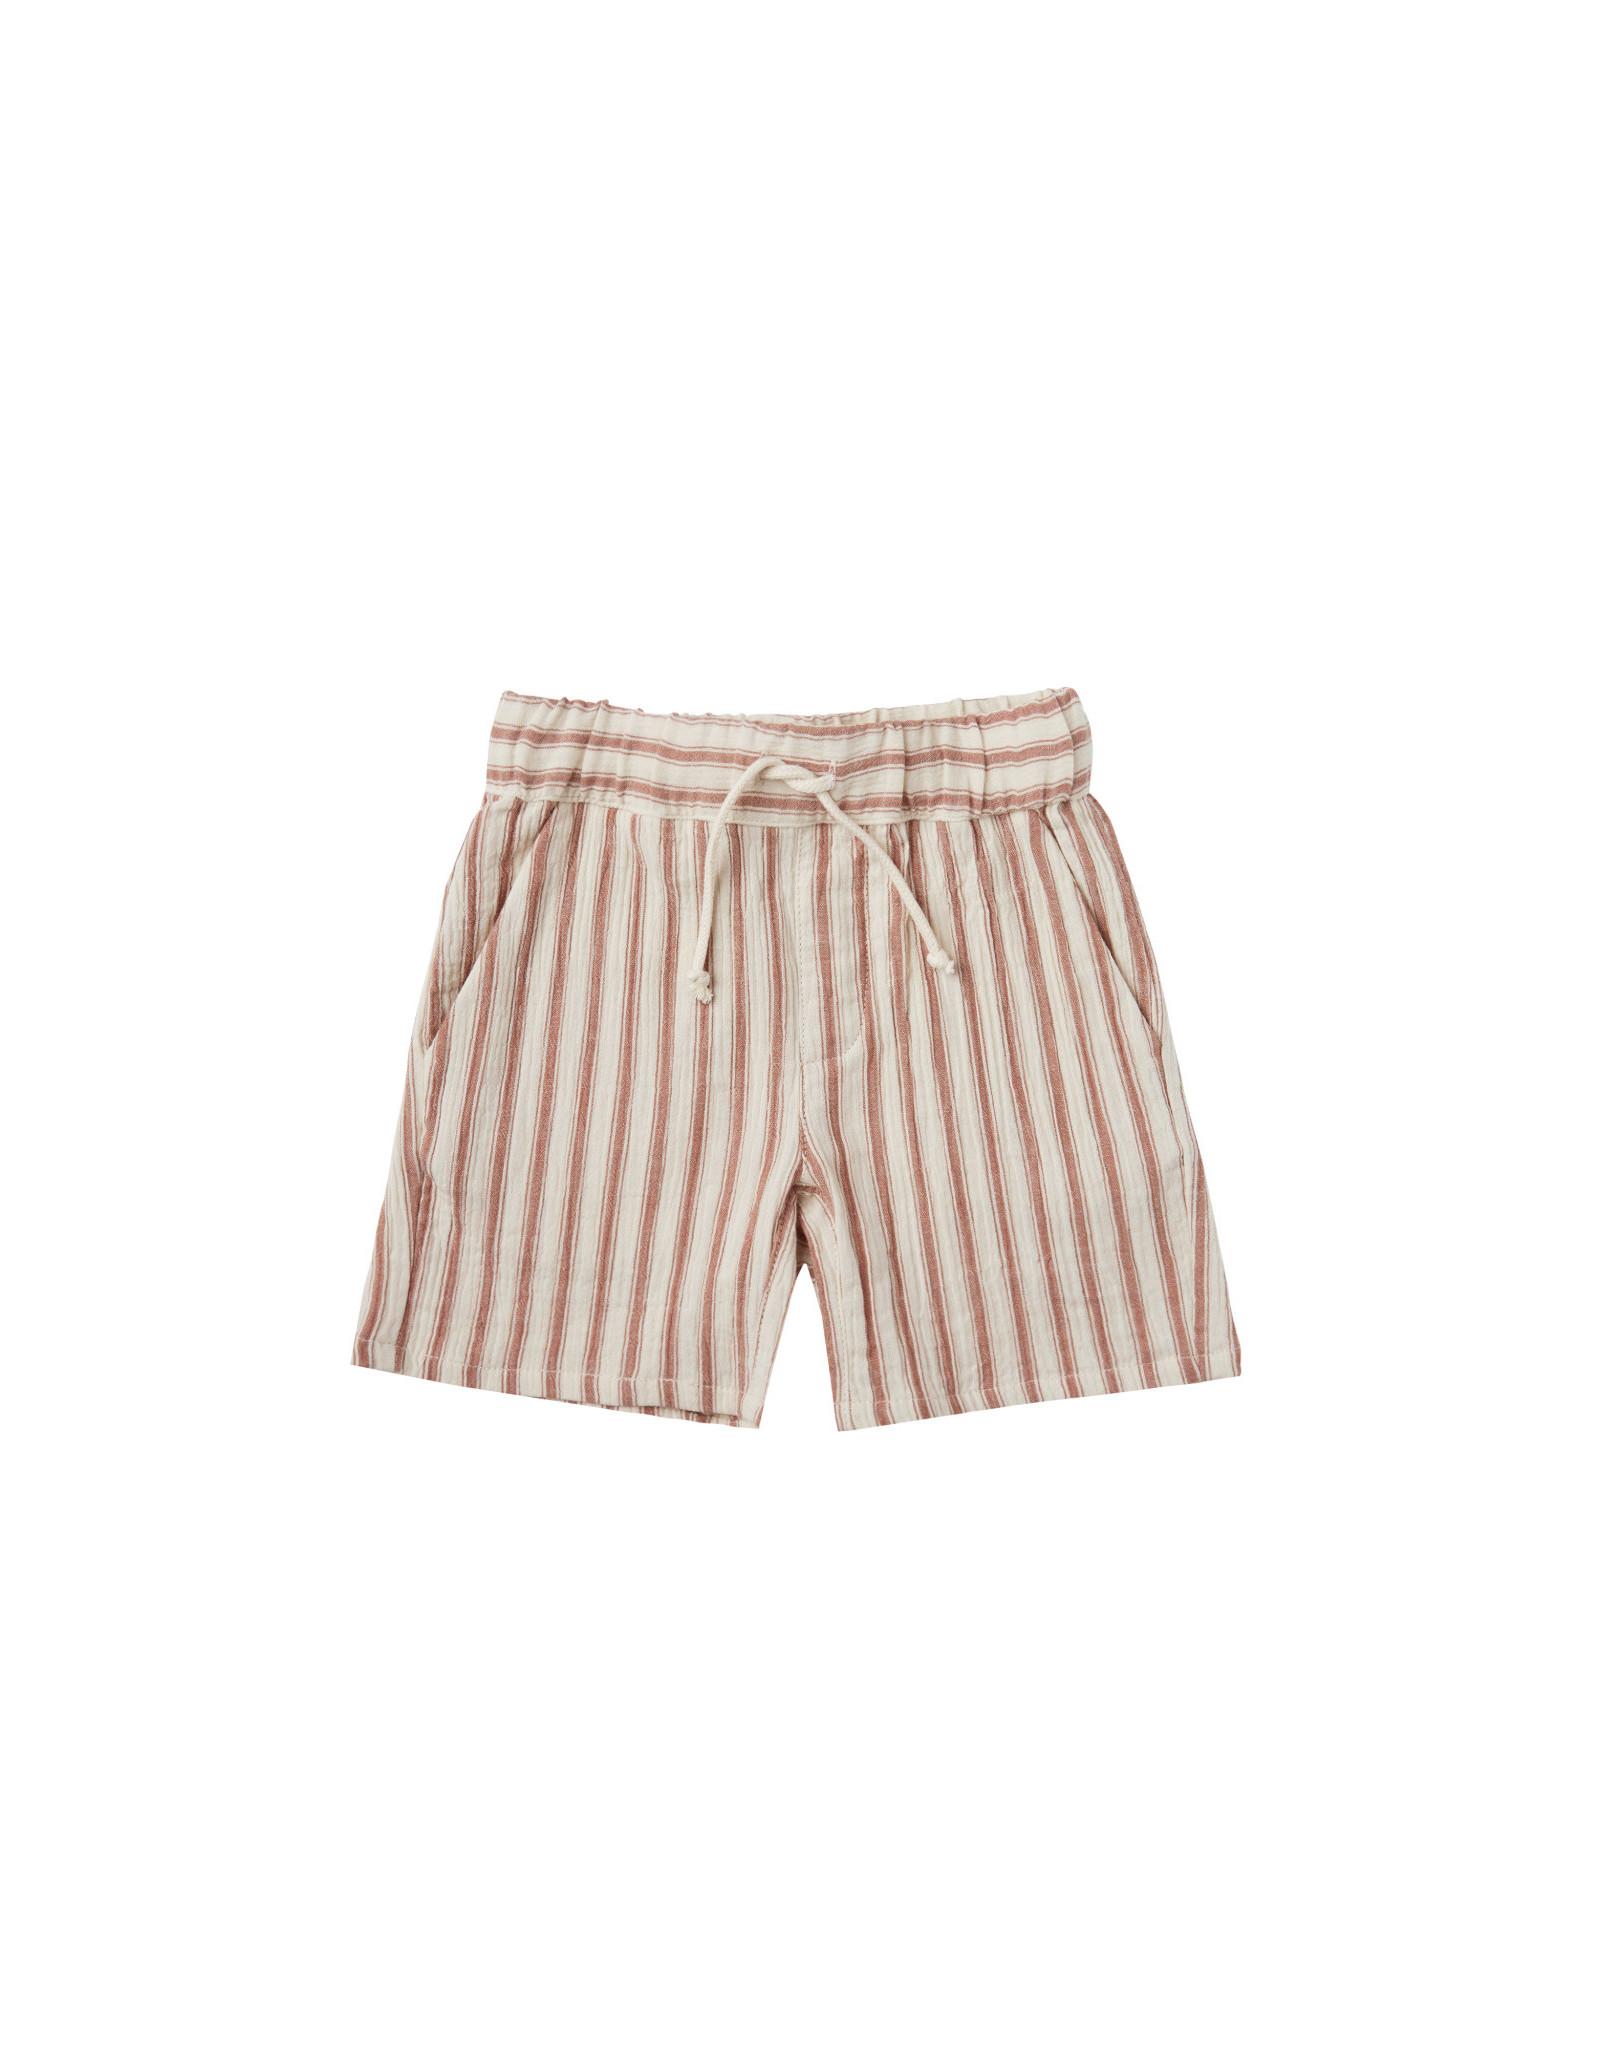 Rylee + Cru Amber Stripe Drawstring Short